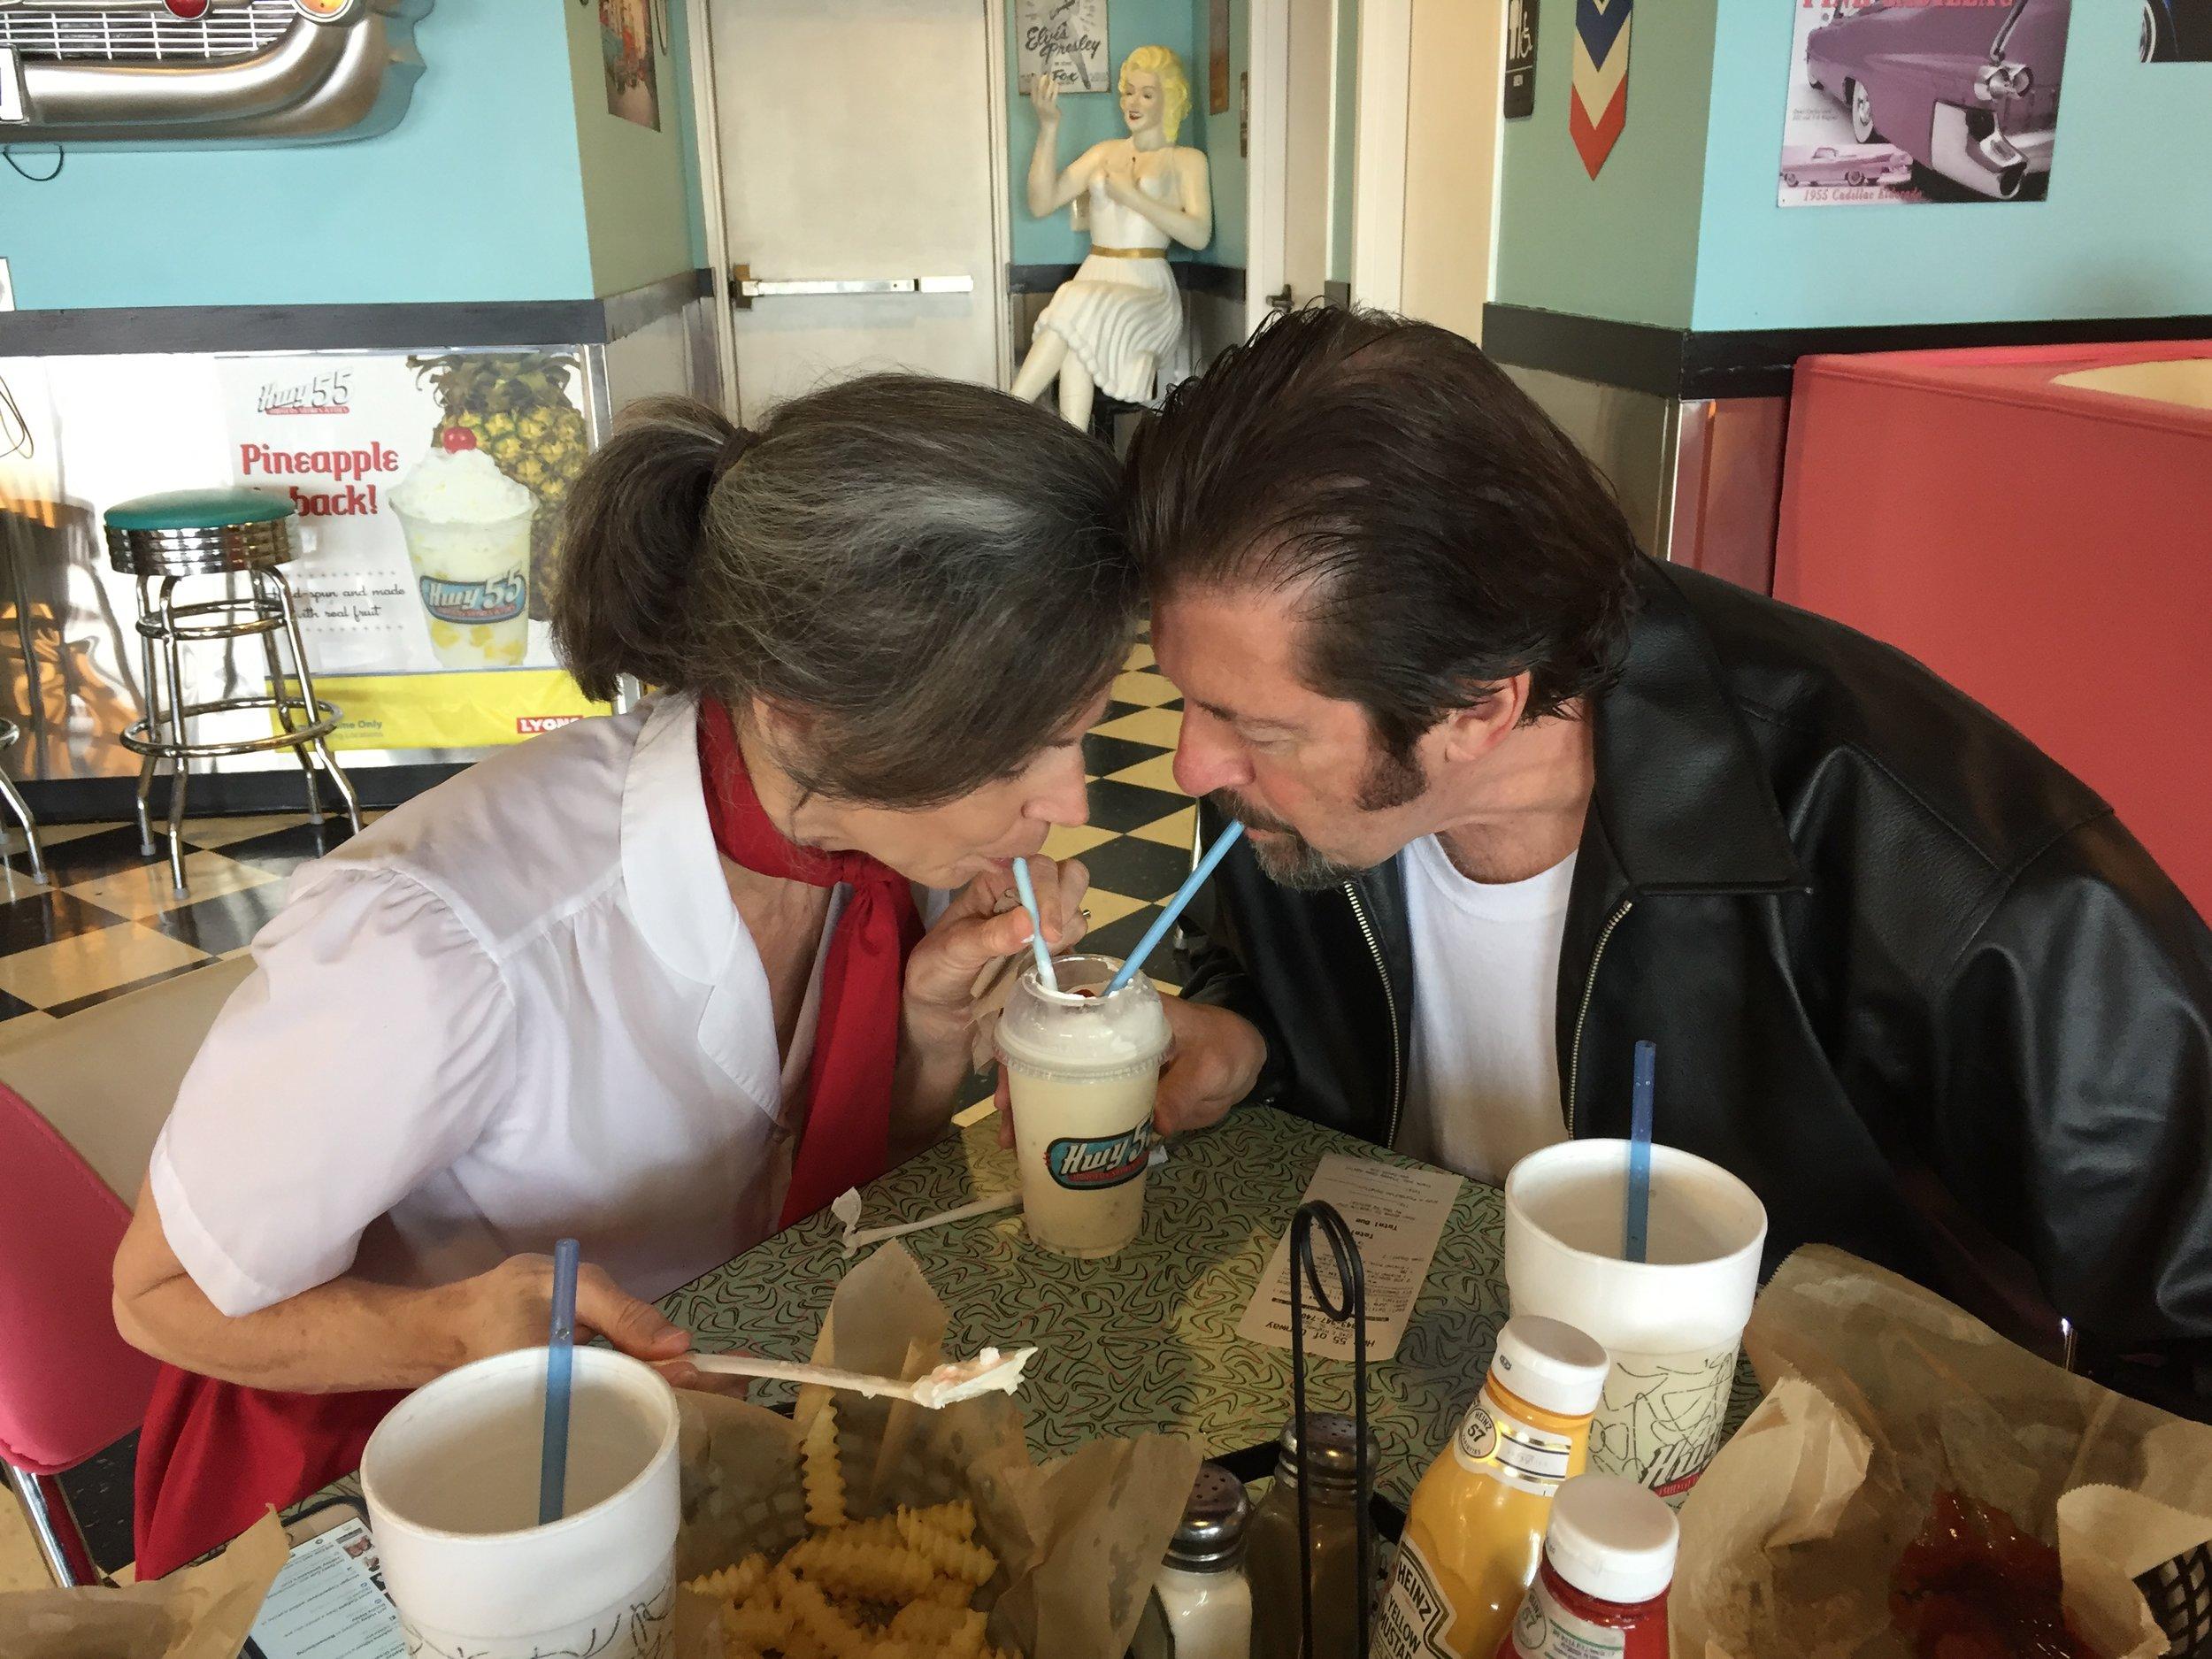 Kathy, Bill share milkshake.jpeg